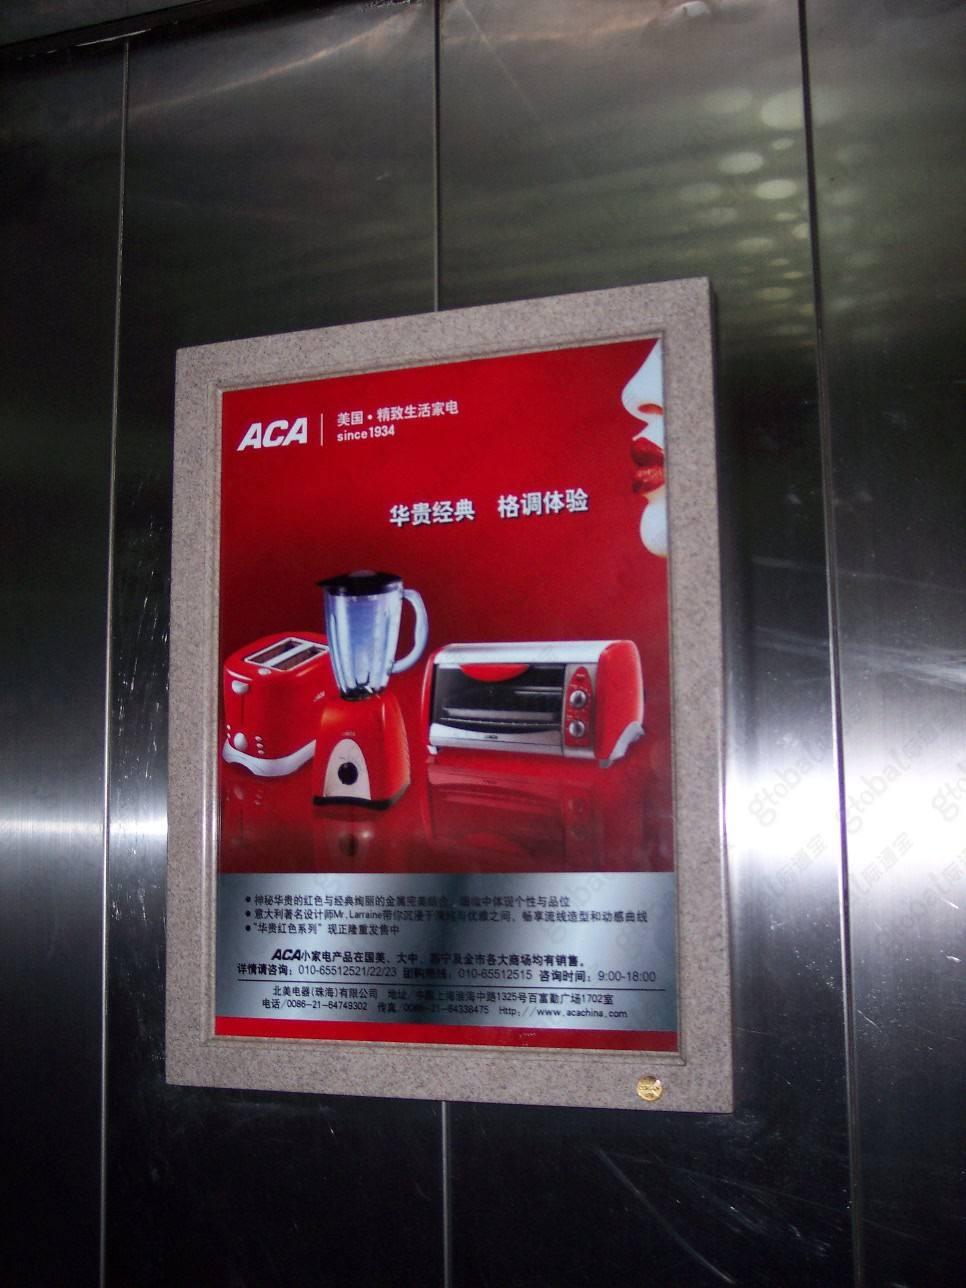 温州高端小区电梯广告-分众资源低至2折